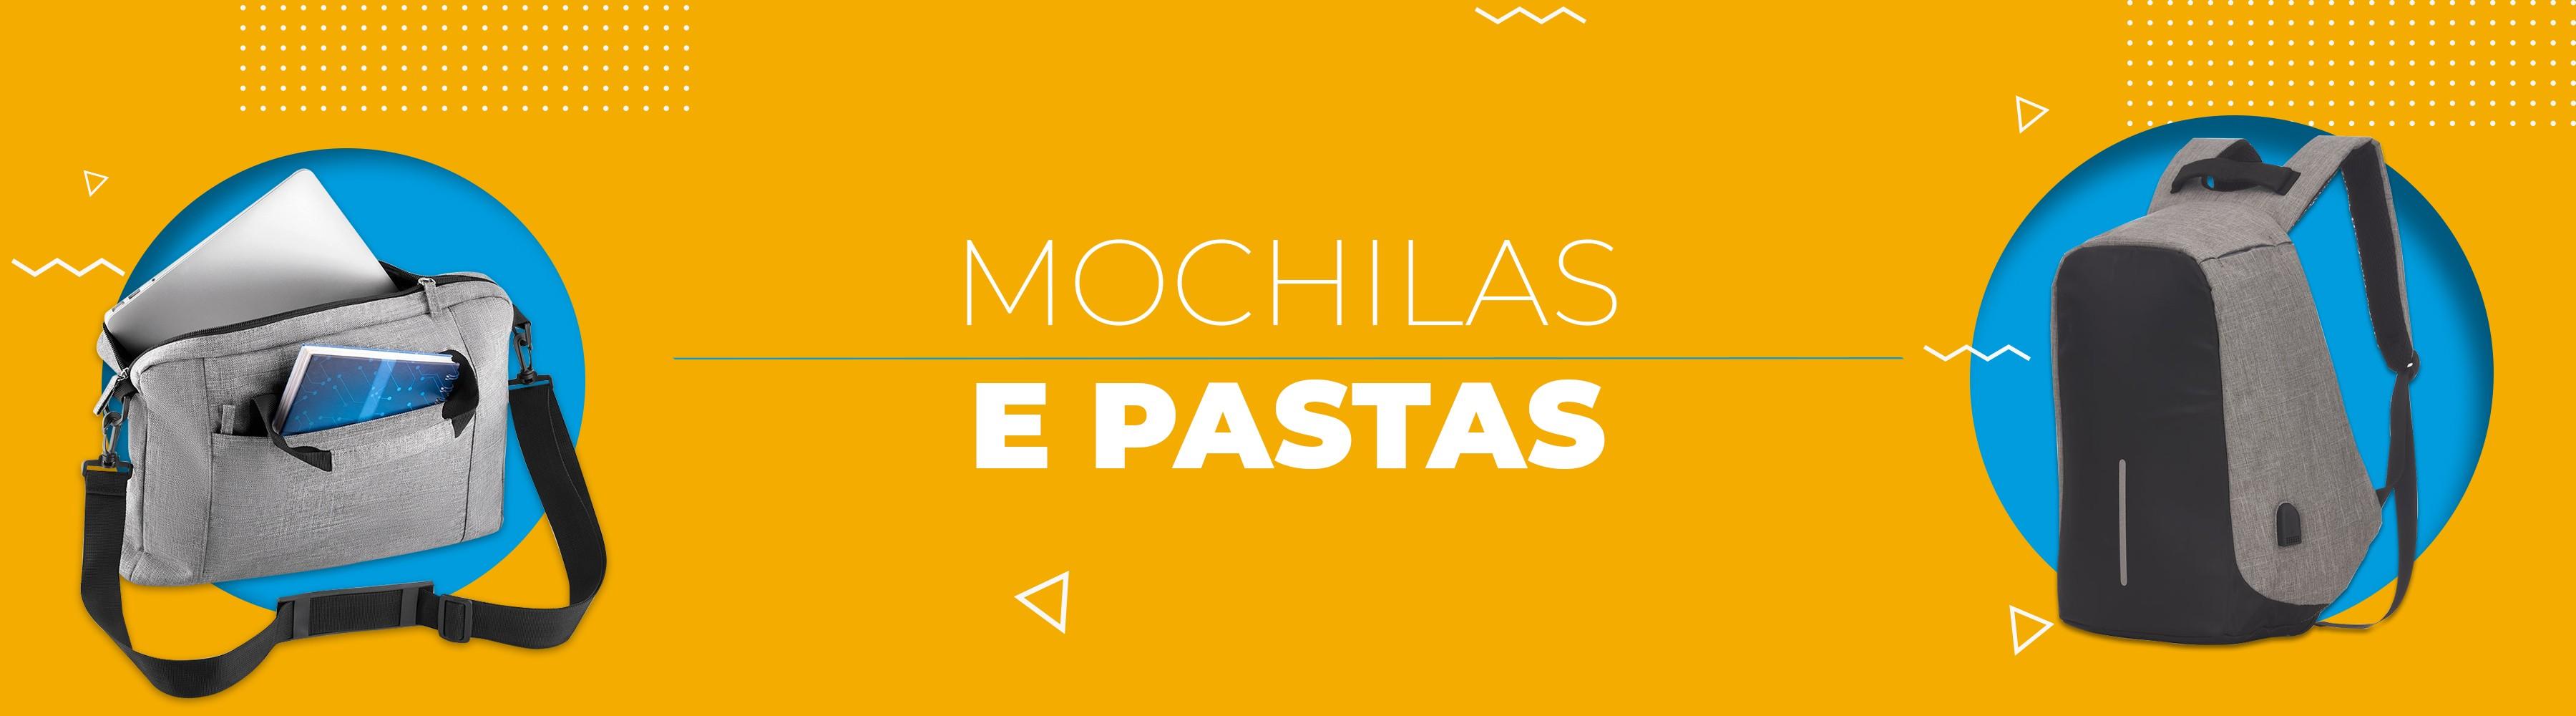 Mochilas e Pastas